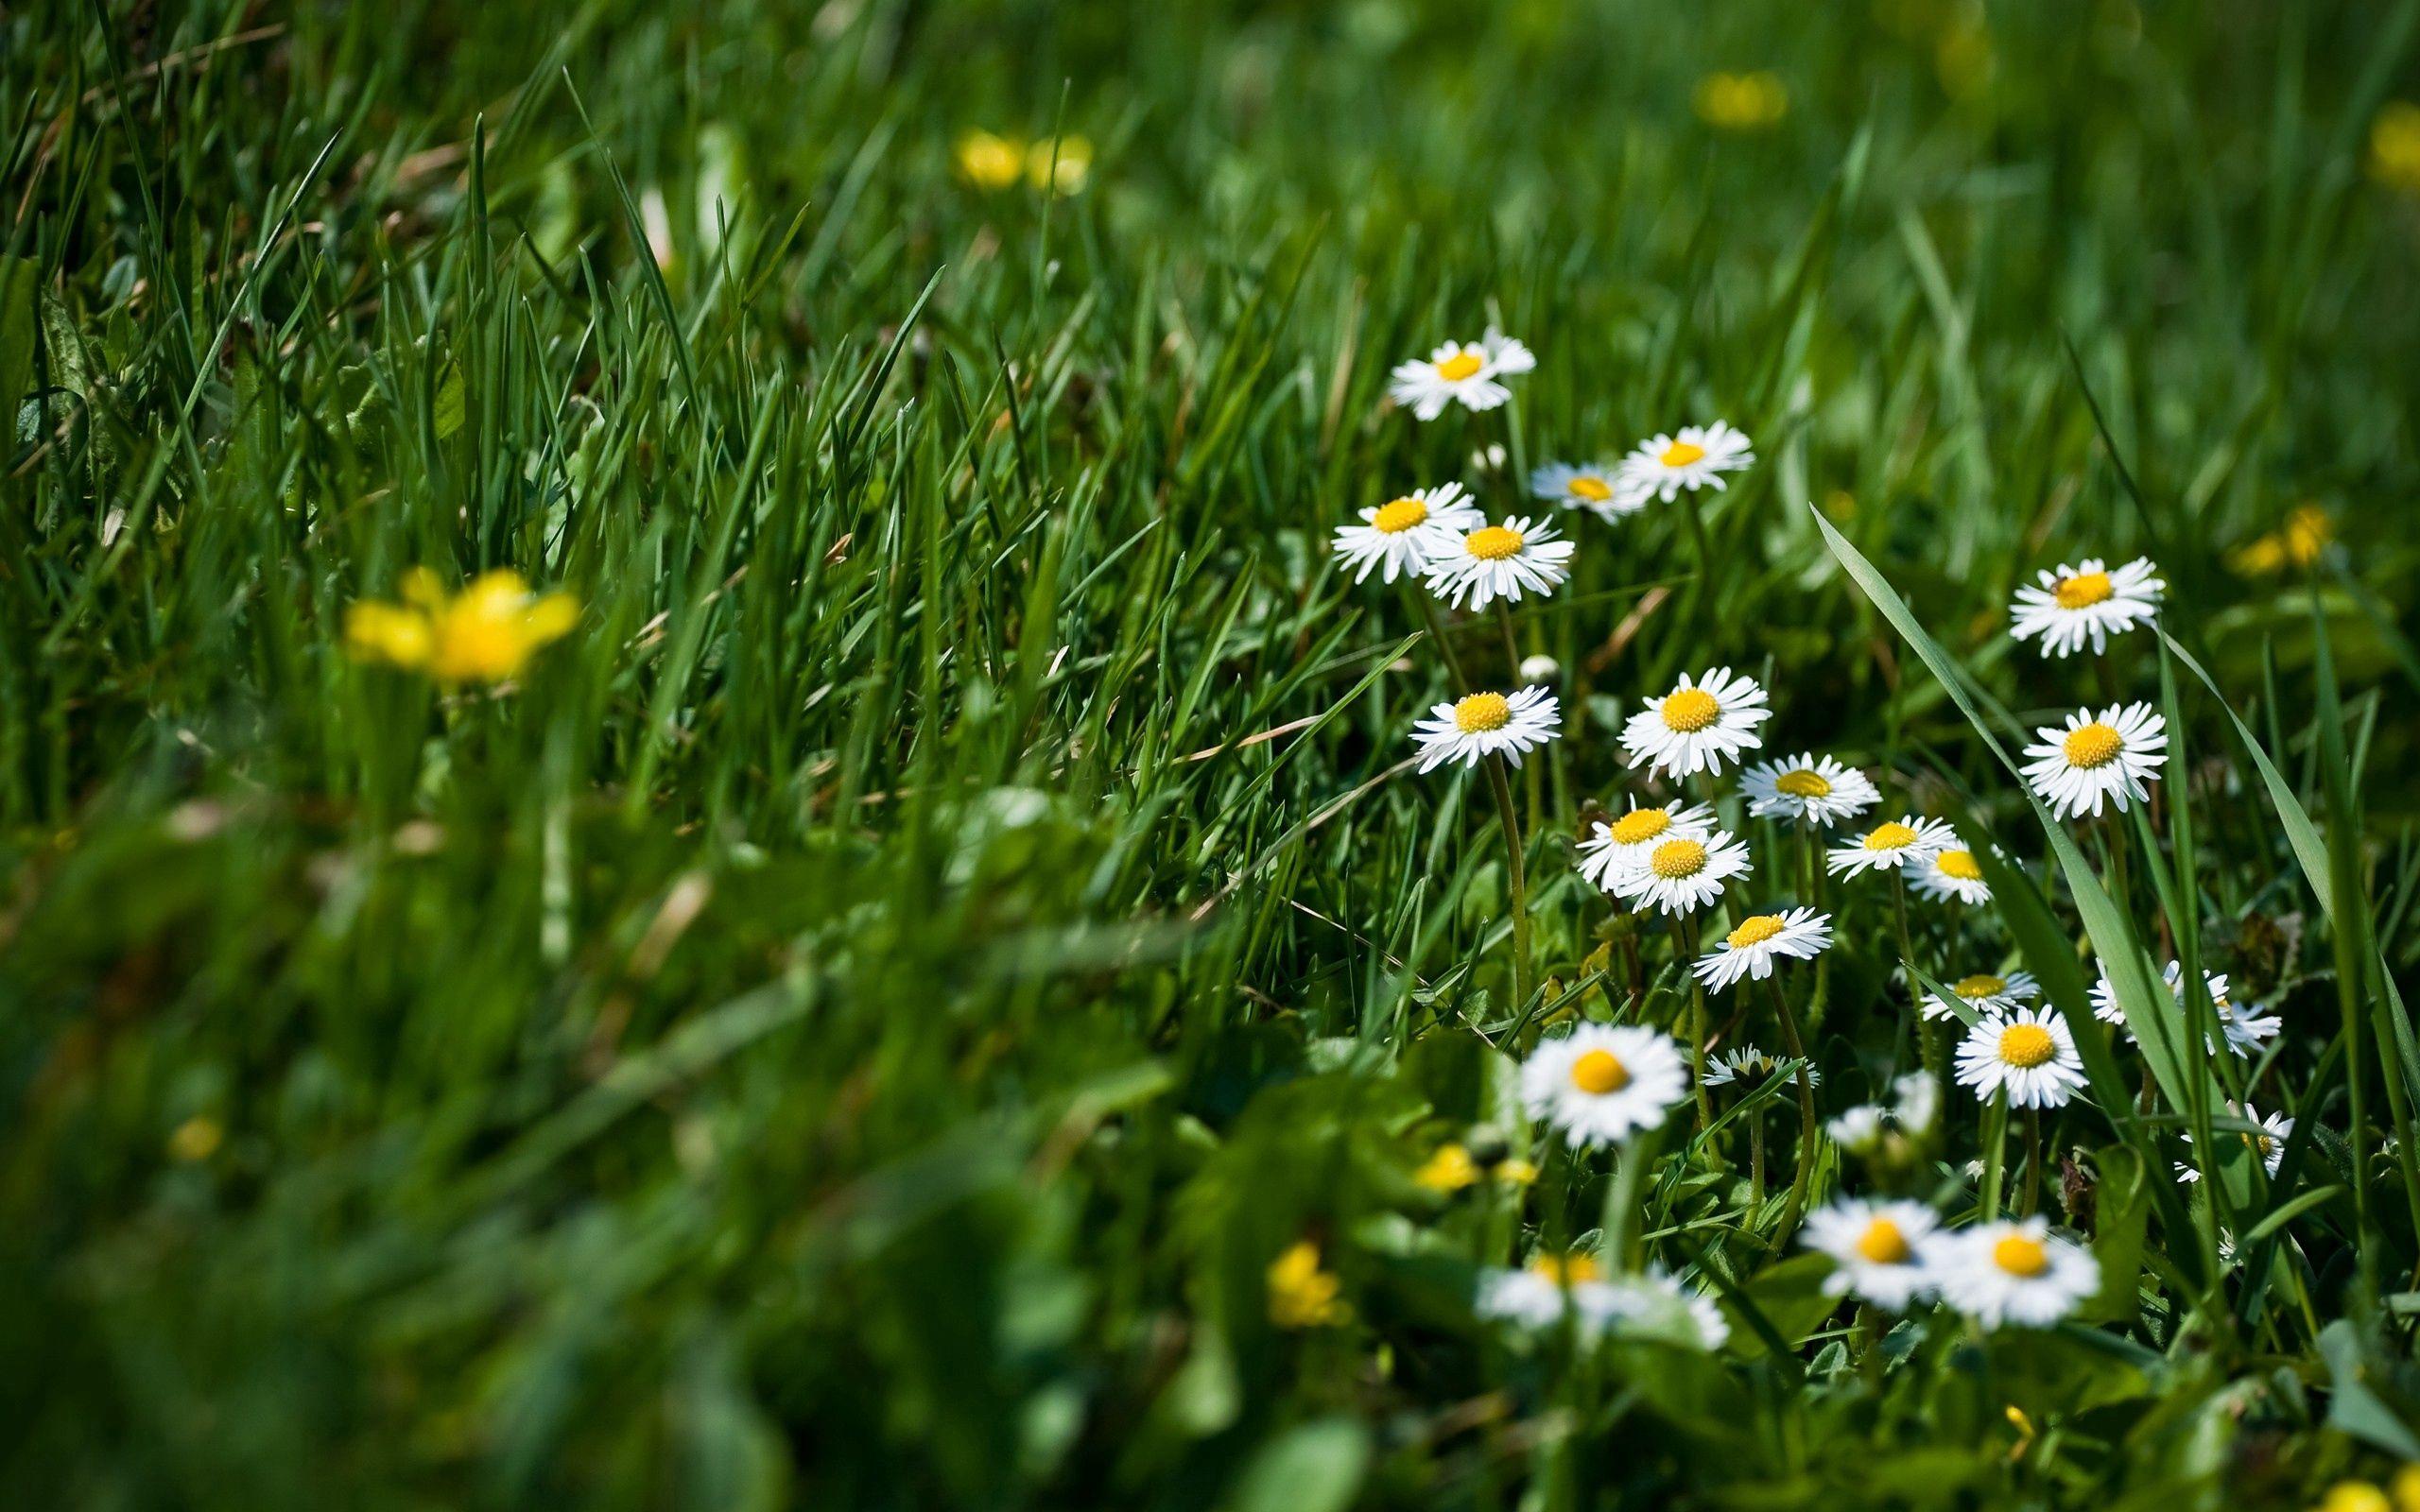 95767 скачать обои Цветы, Ромашки, Трава, Поляна, Зелень, Резкость - заставки и картинки бесплатно